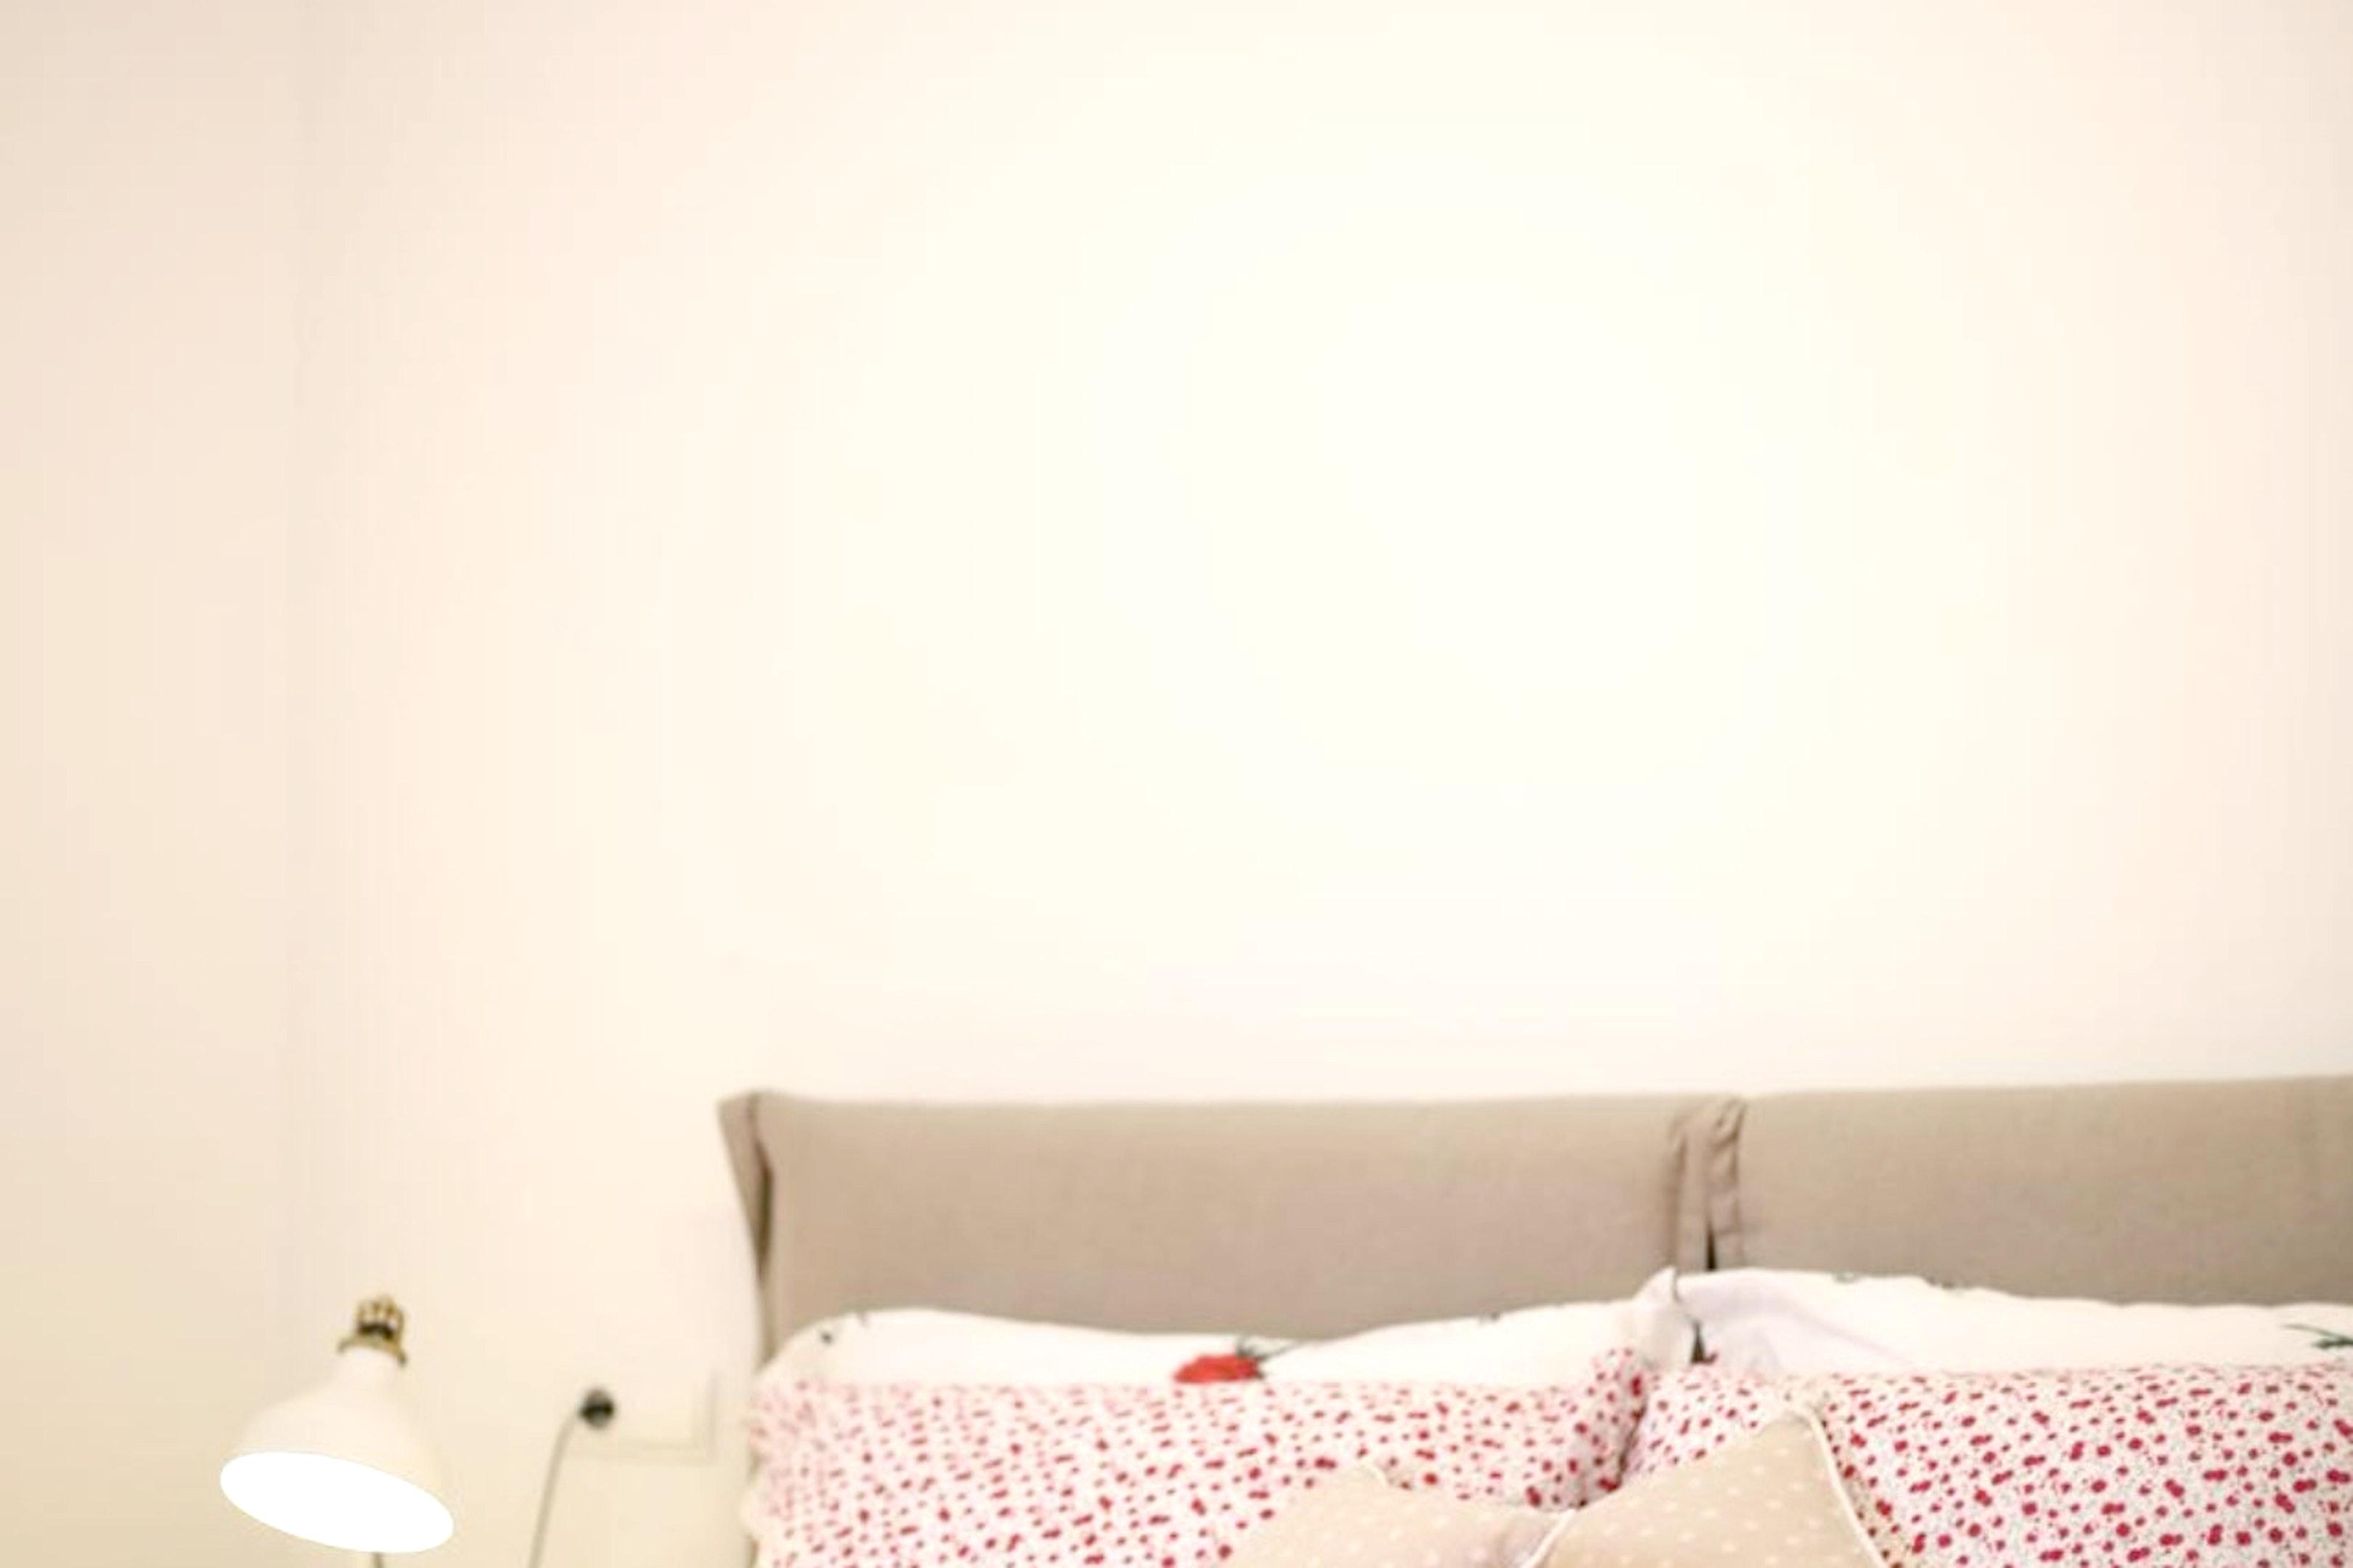 Maison de vacances Haus mit 4 Schlafzimmern in Sant Francesc Xavier mit Terrasse und W-LAN (2700592), San Francisco Javier, Formentera, Iles Baléares, Espagne, image 41